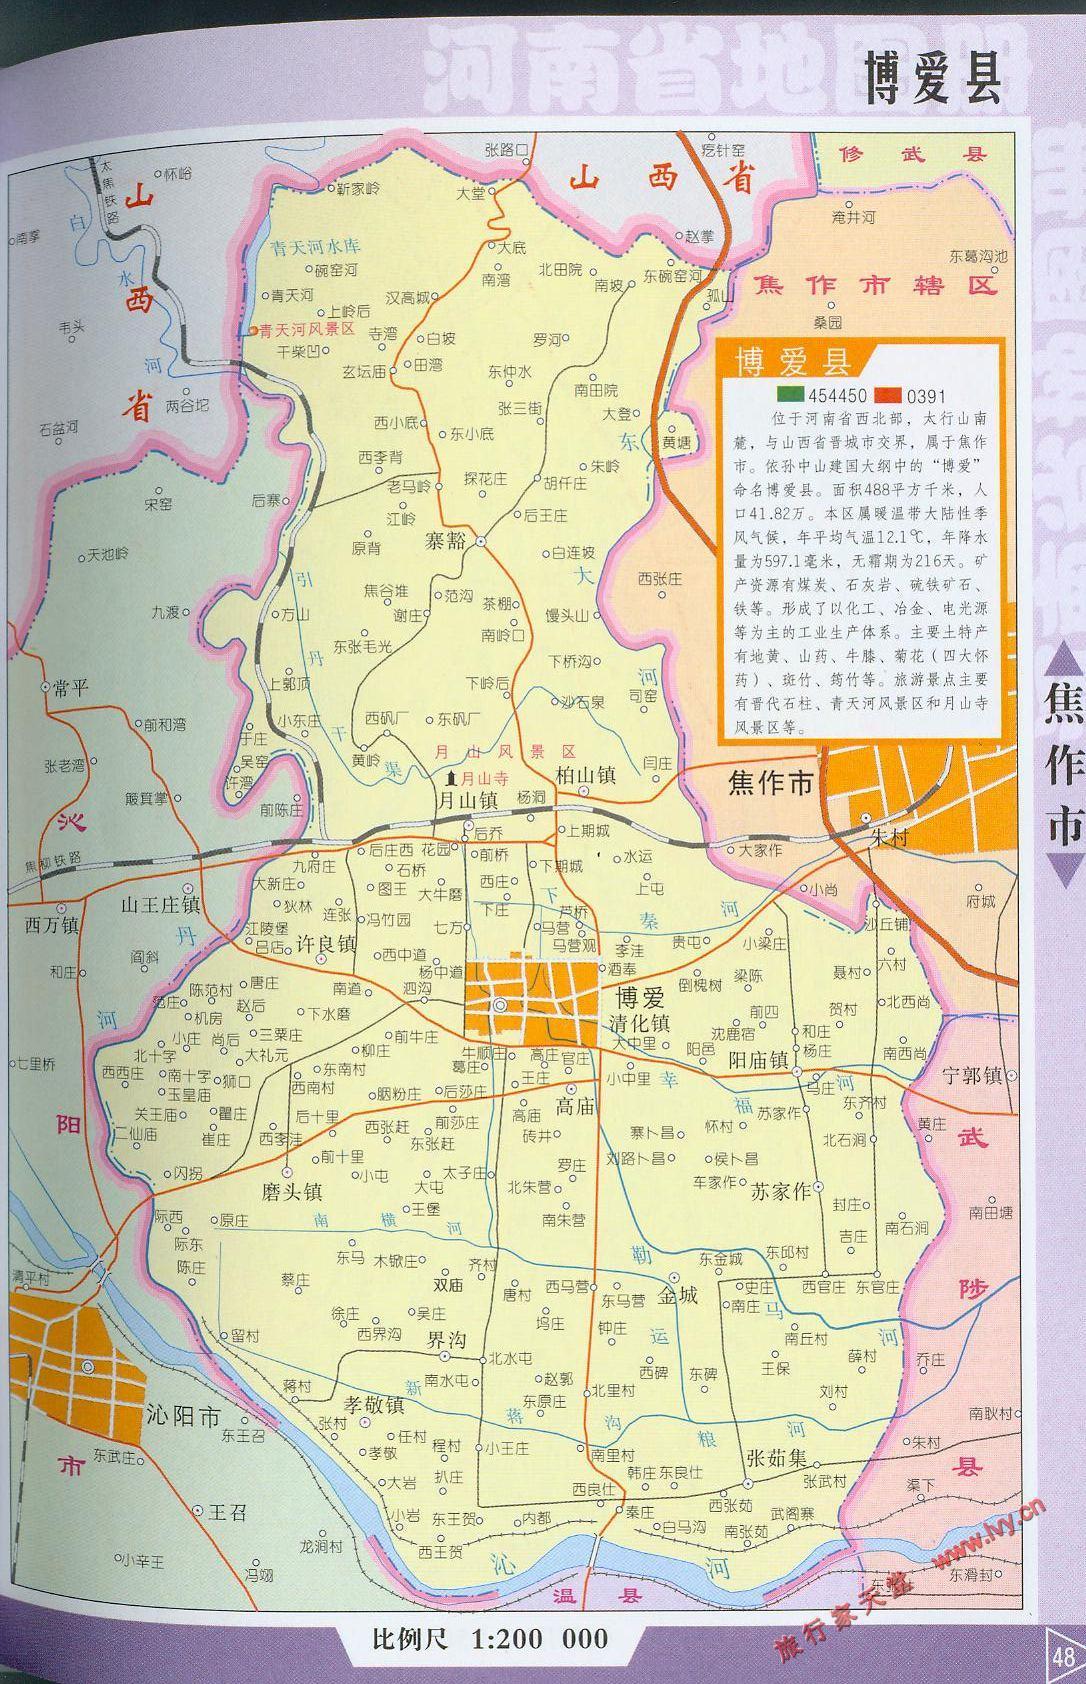 博爱县地图_焦作地图库